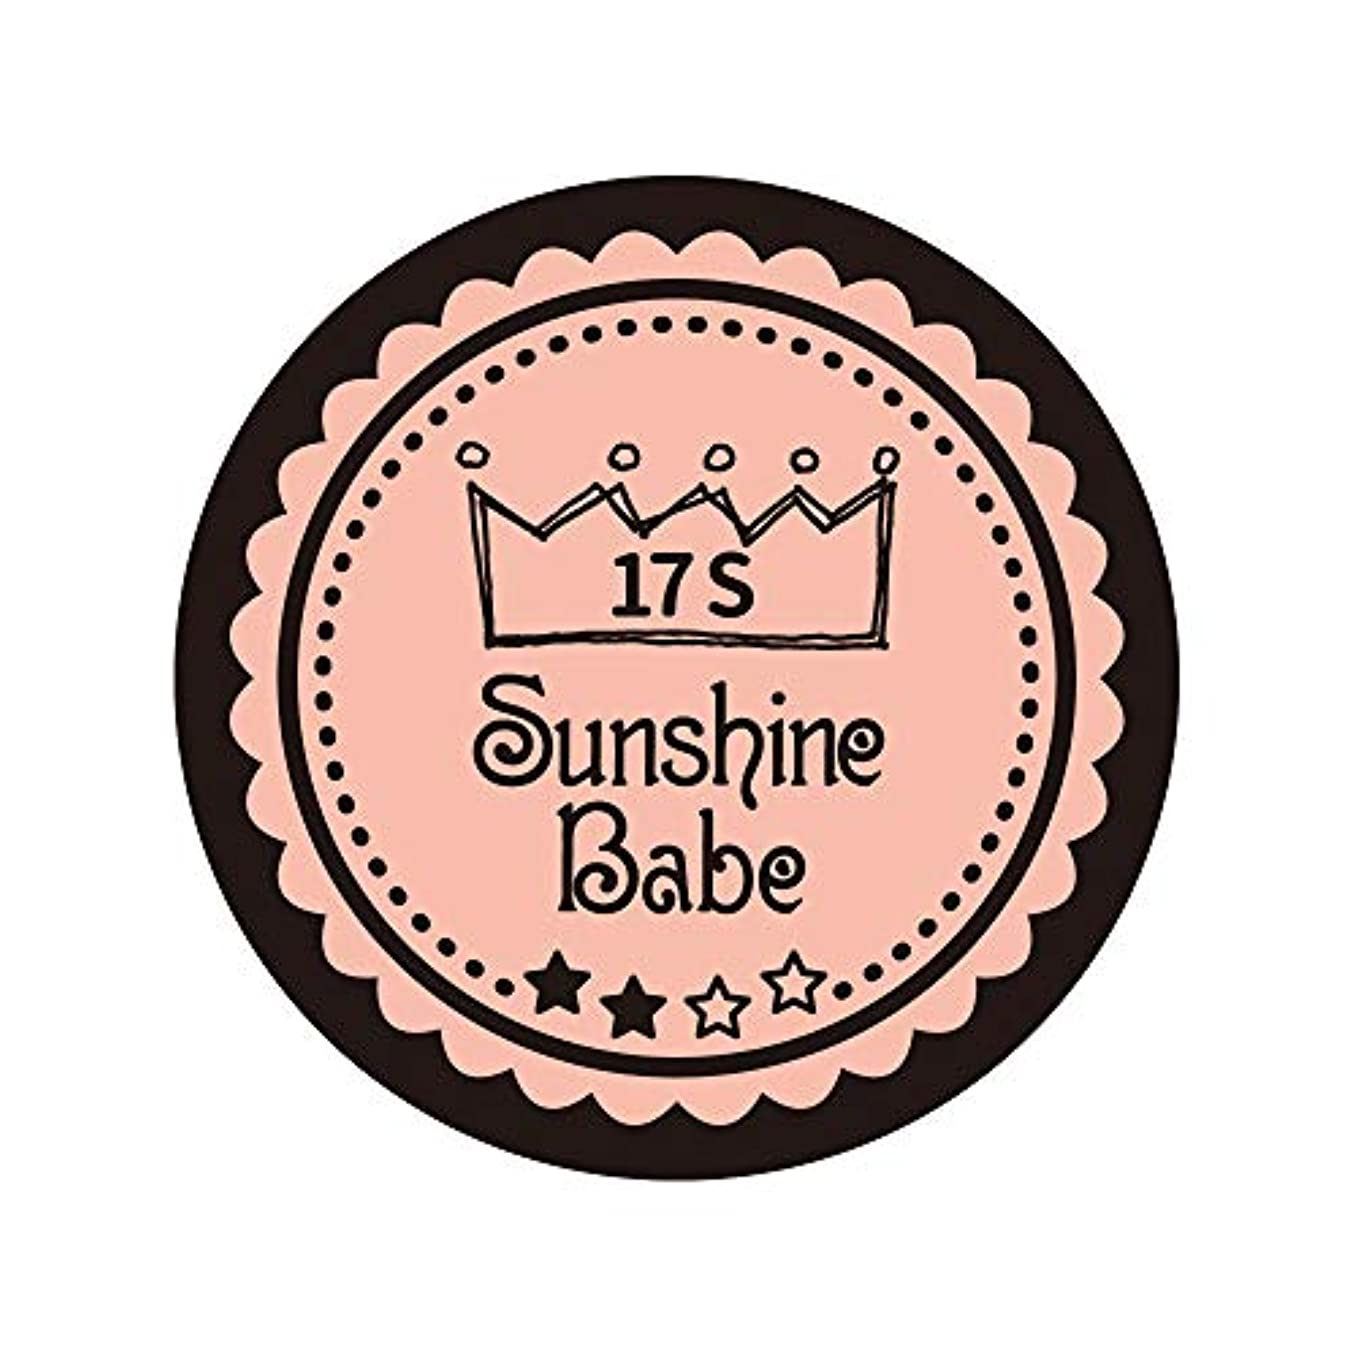 ダーツふけるバンガローSunshine Babe カラージェル 17S ヌーディローズ 2.7g UV/LED対応